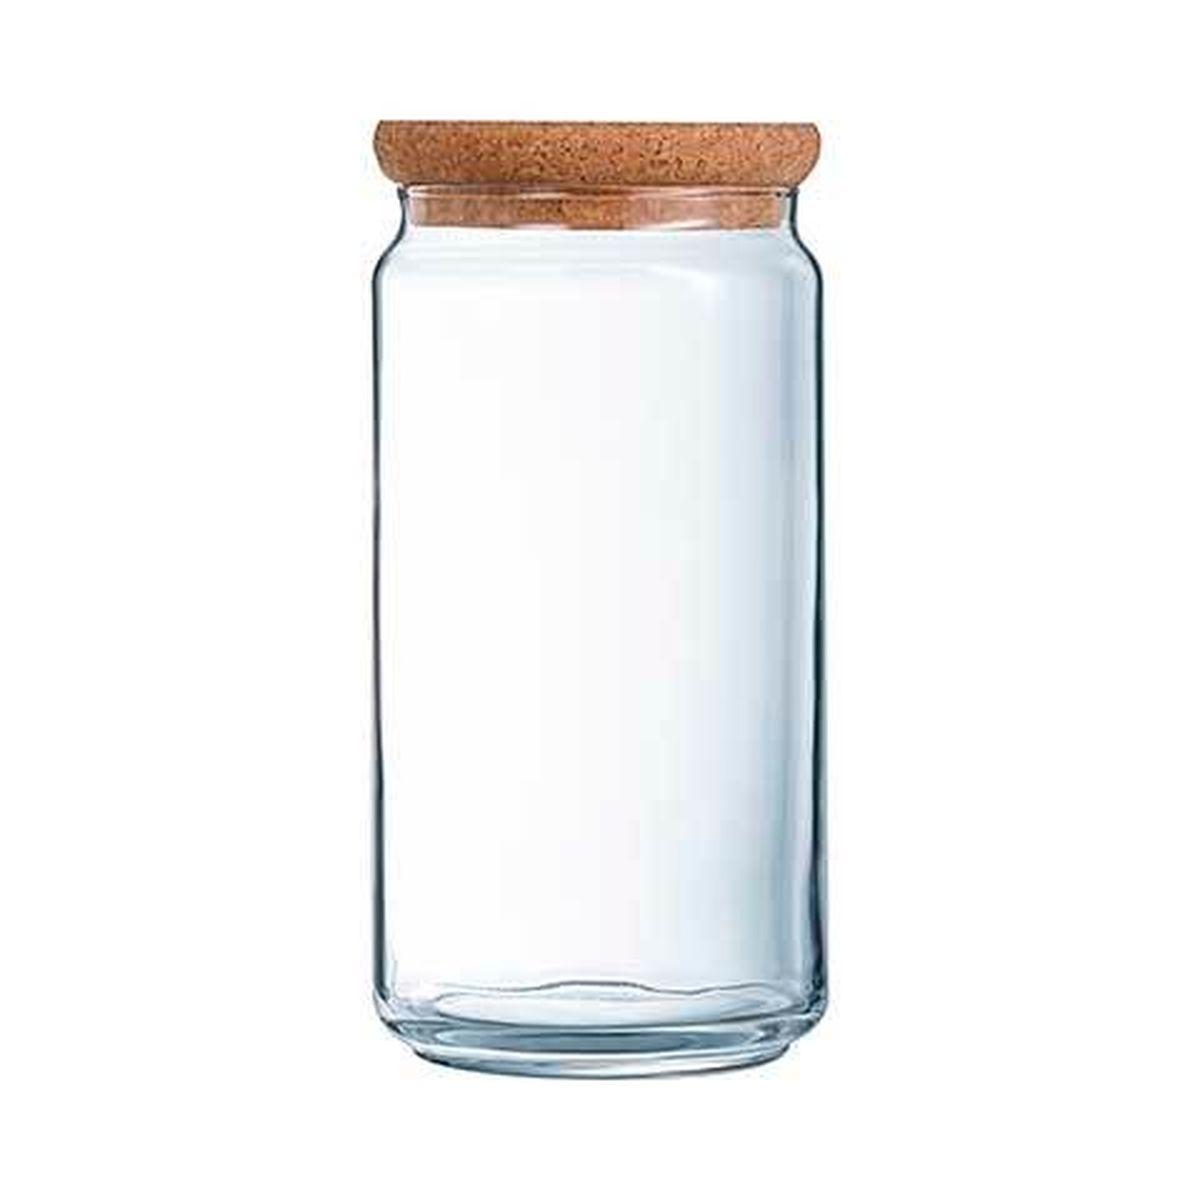 Bocal en verre avec couvercle liège 1,5l 11cmx11cmx20cm - Luminarc